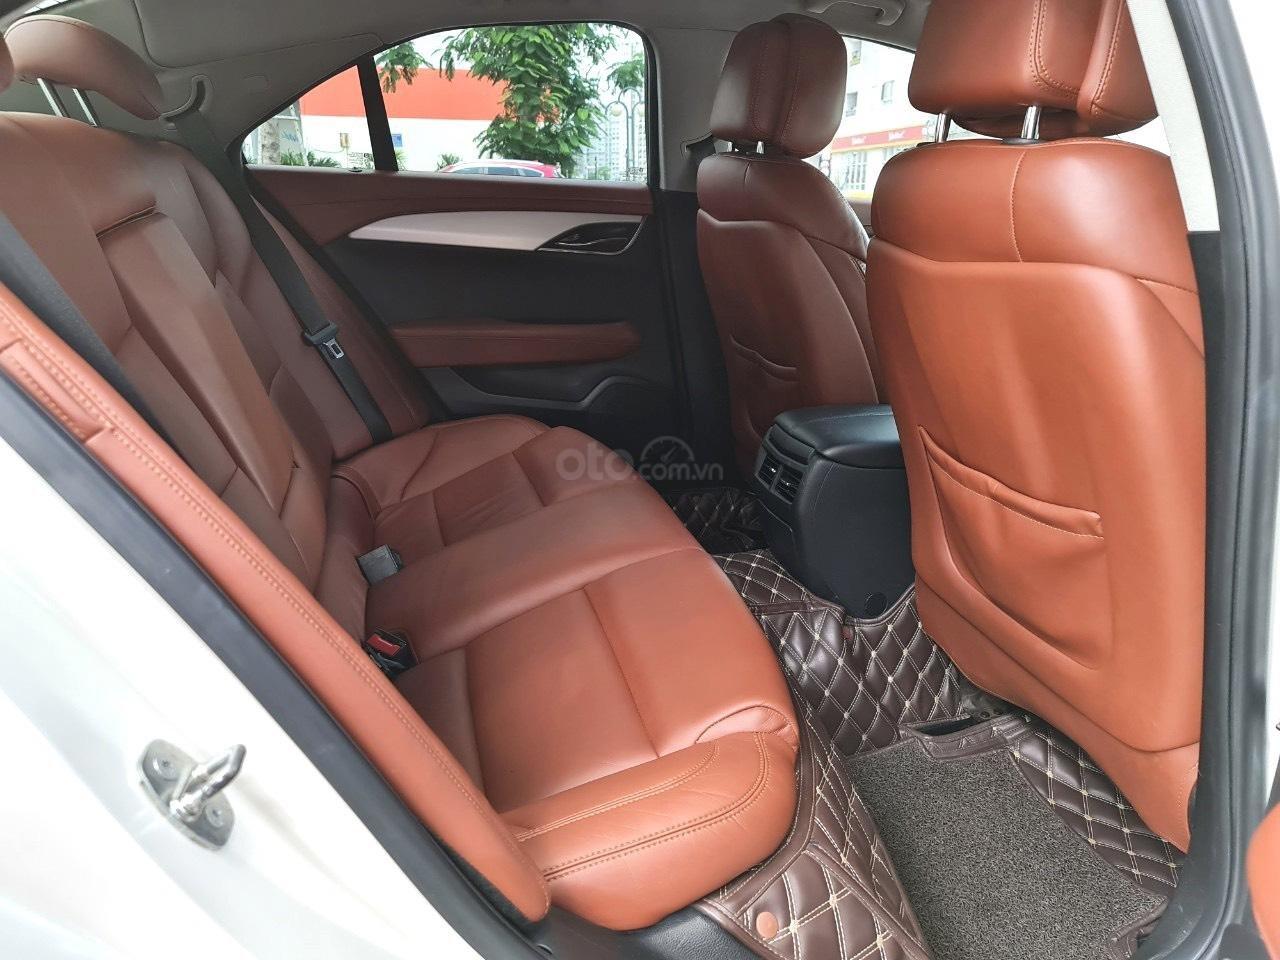 Cadillac CTS Luxury 2.0 nhập Mỹ 2015, loại cao cấp, full đồ chơi, màn hình cảm ứng, chìa khóa thông minh, nội thất sang trọng (7)